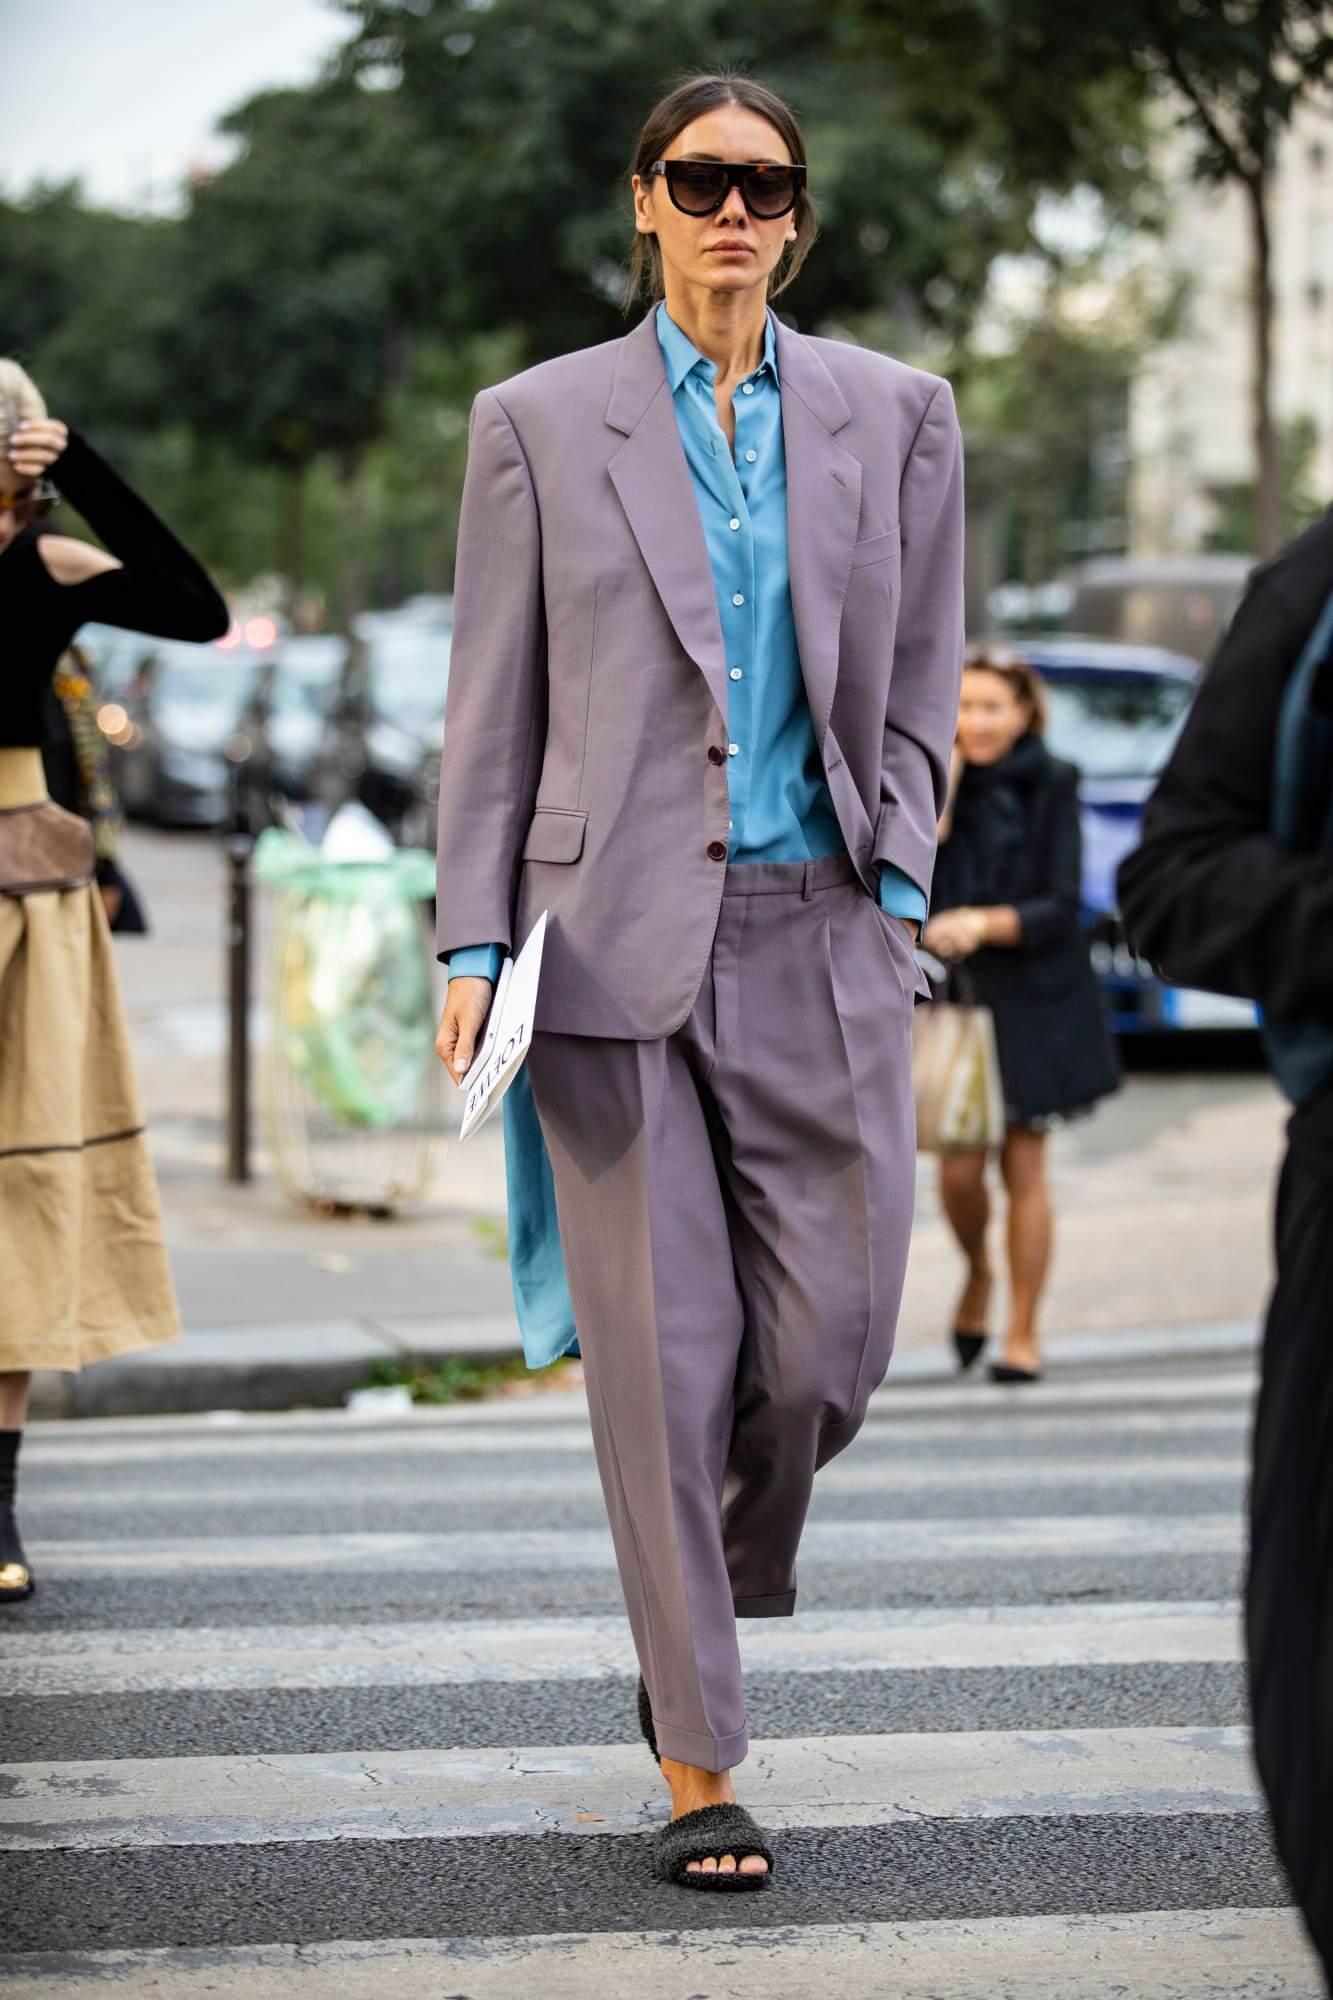 paris-fashion-week-spring-2019-street-style-day-14